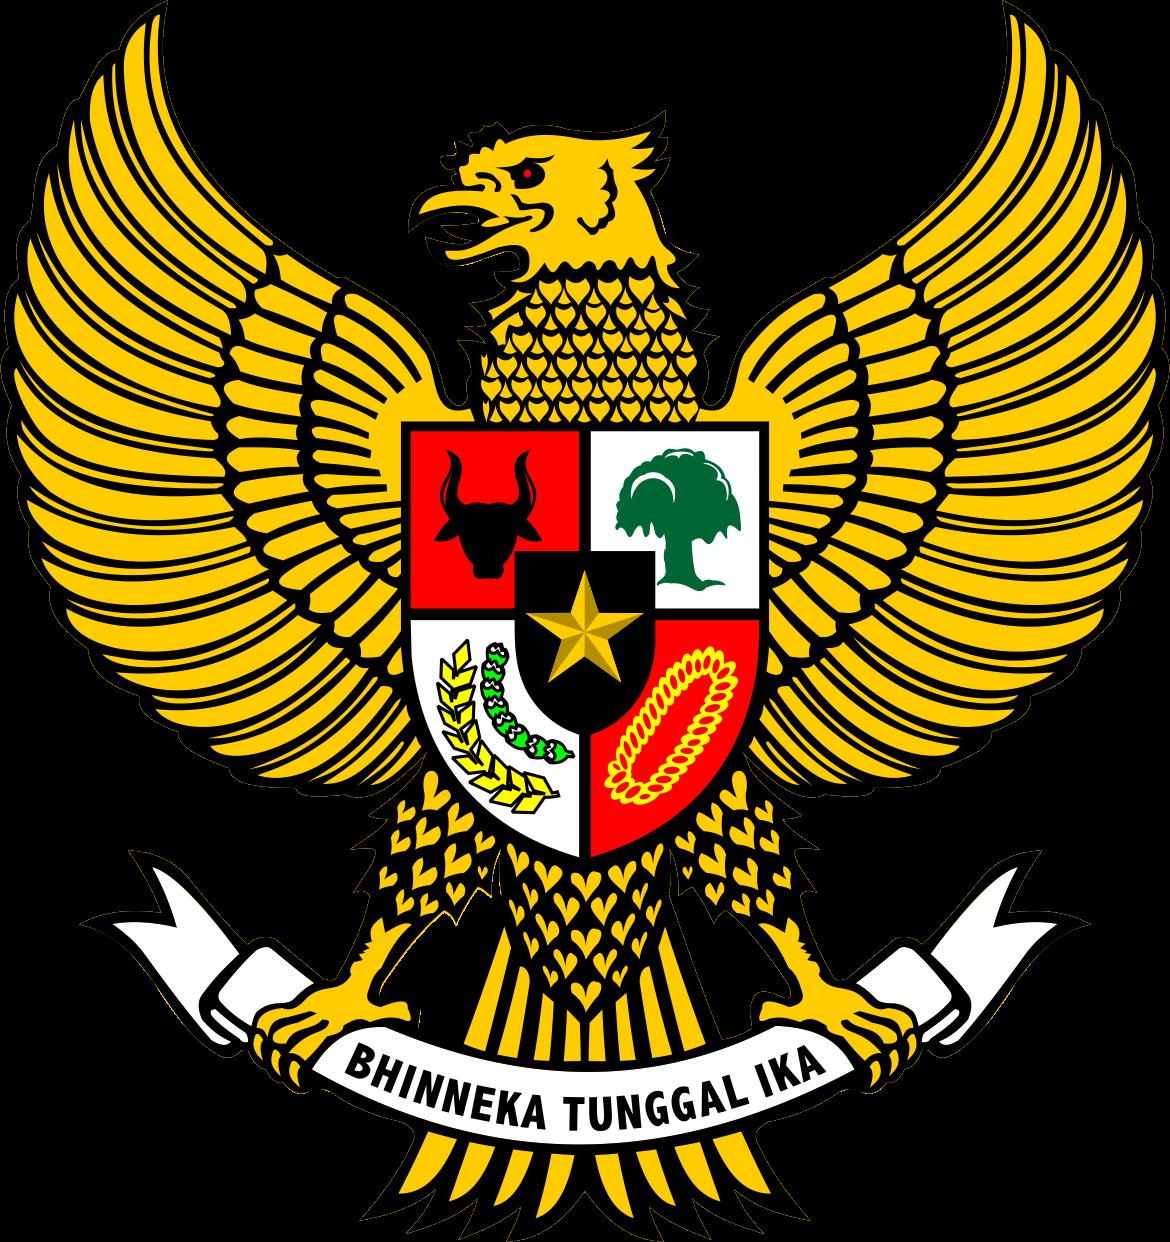 Keputusan Menteri Agama Nomor 536 Tahun 2018